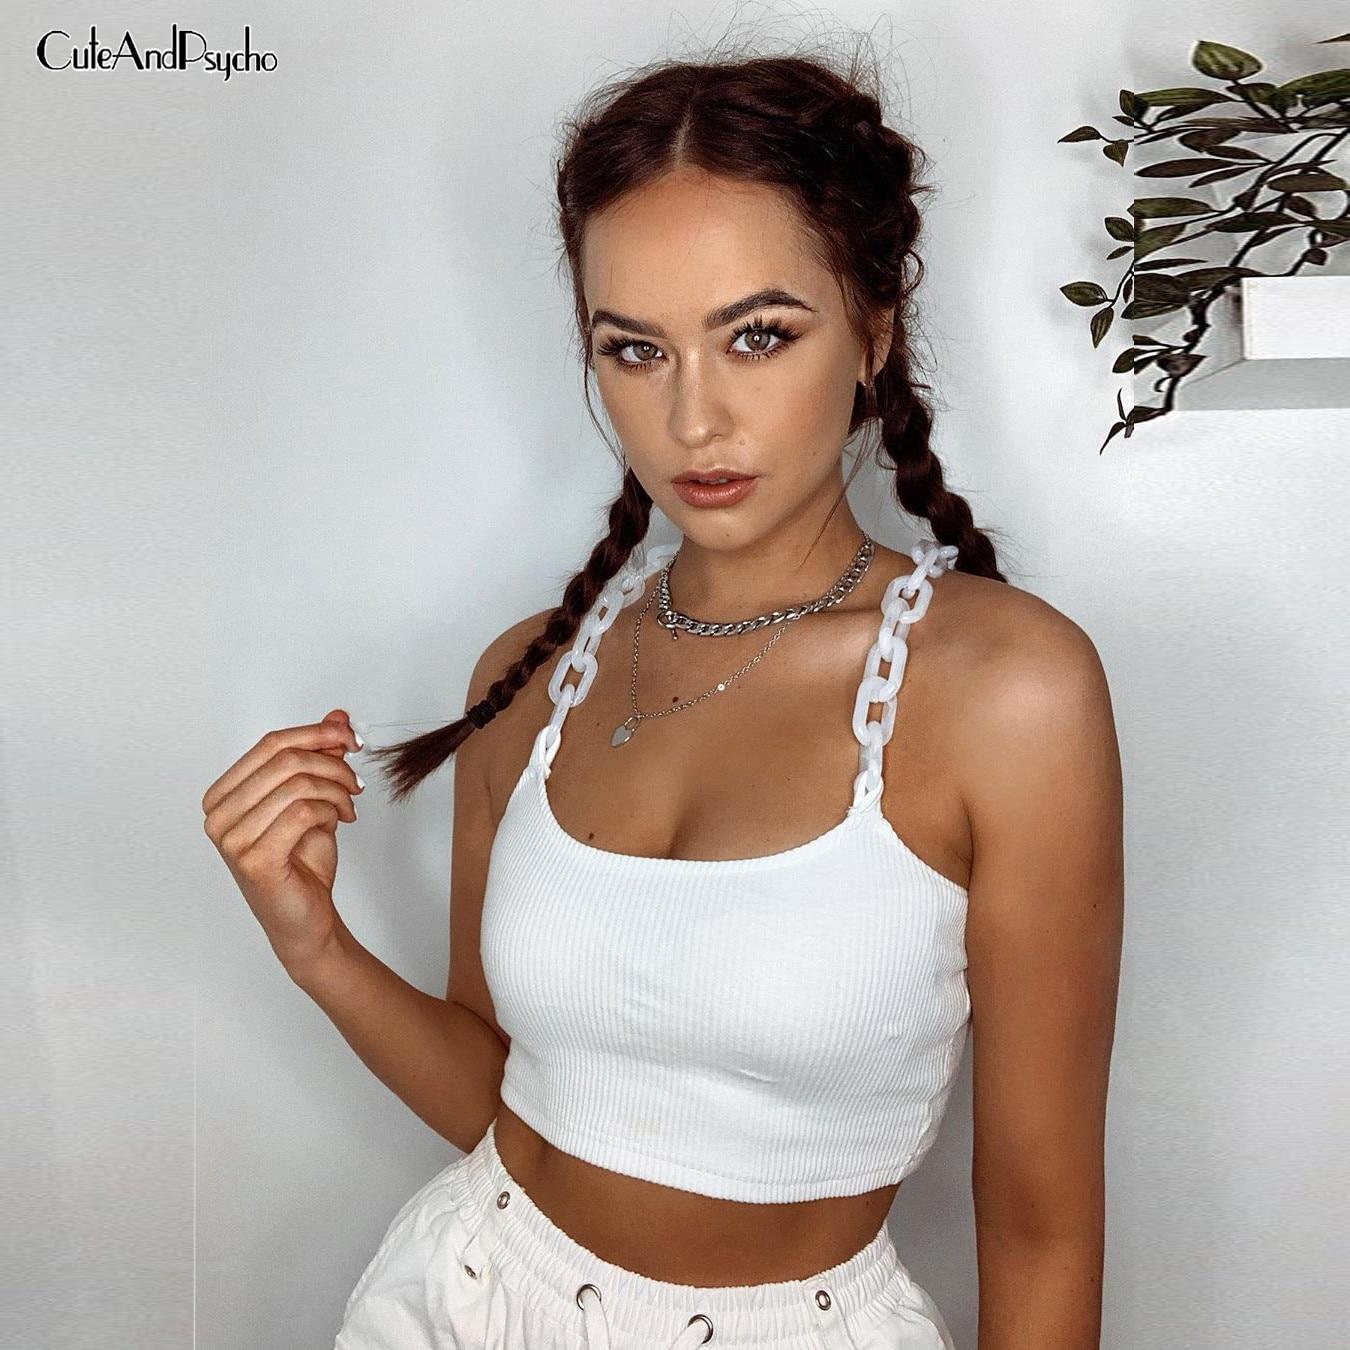 Blanco Skinny milkmaid Top mujer diseño con cadena camisola ropa de calle sexi Causal Chaleco Corto Camis verano moda Cuteandpsycho